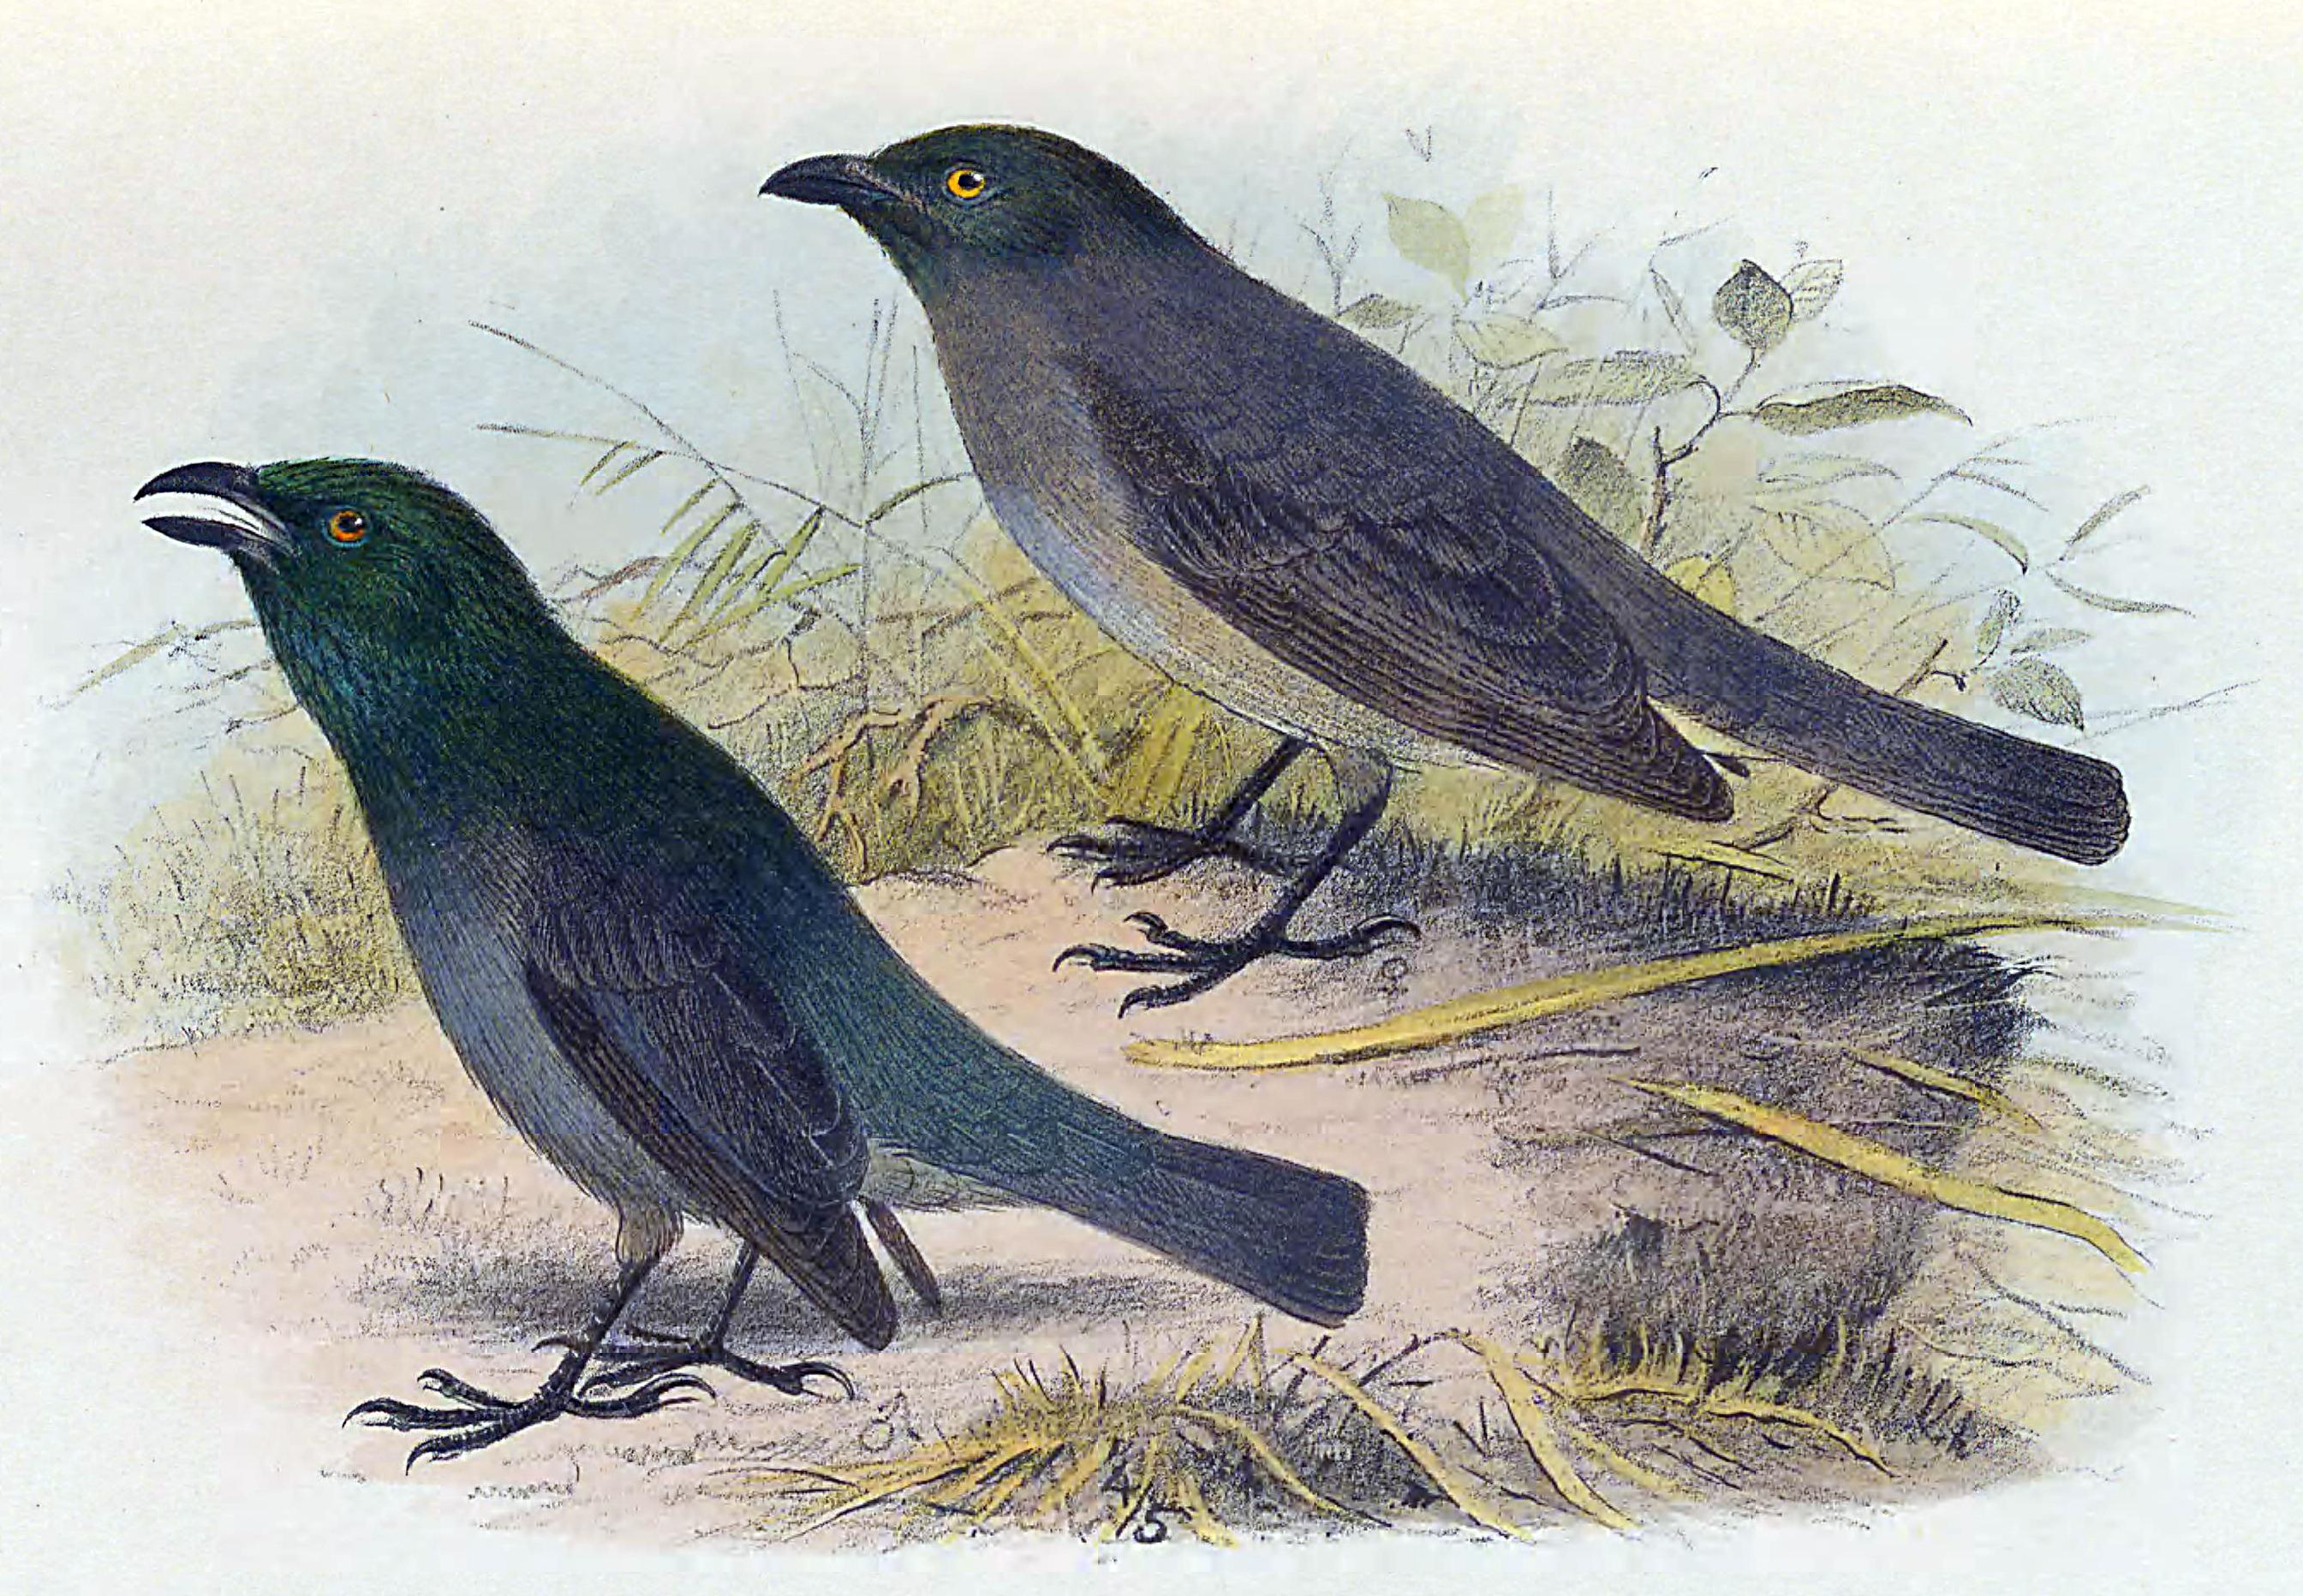 Tasman starling - Wikipedia